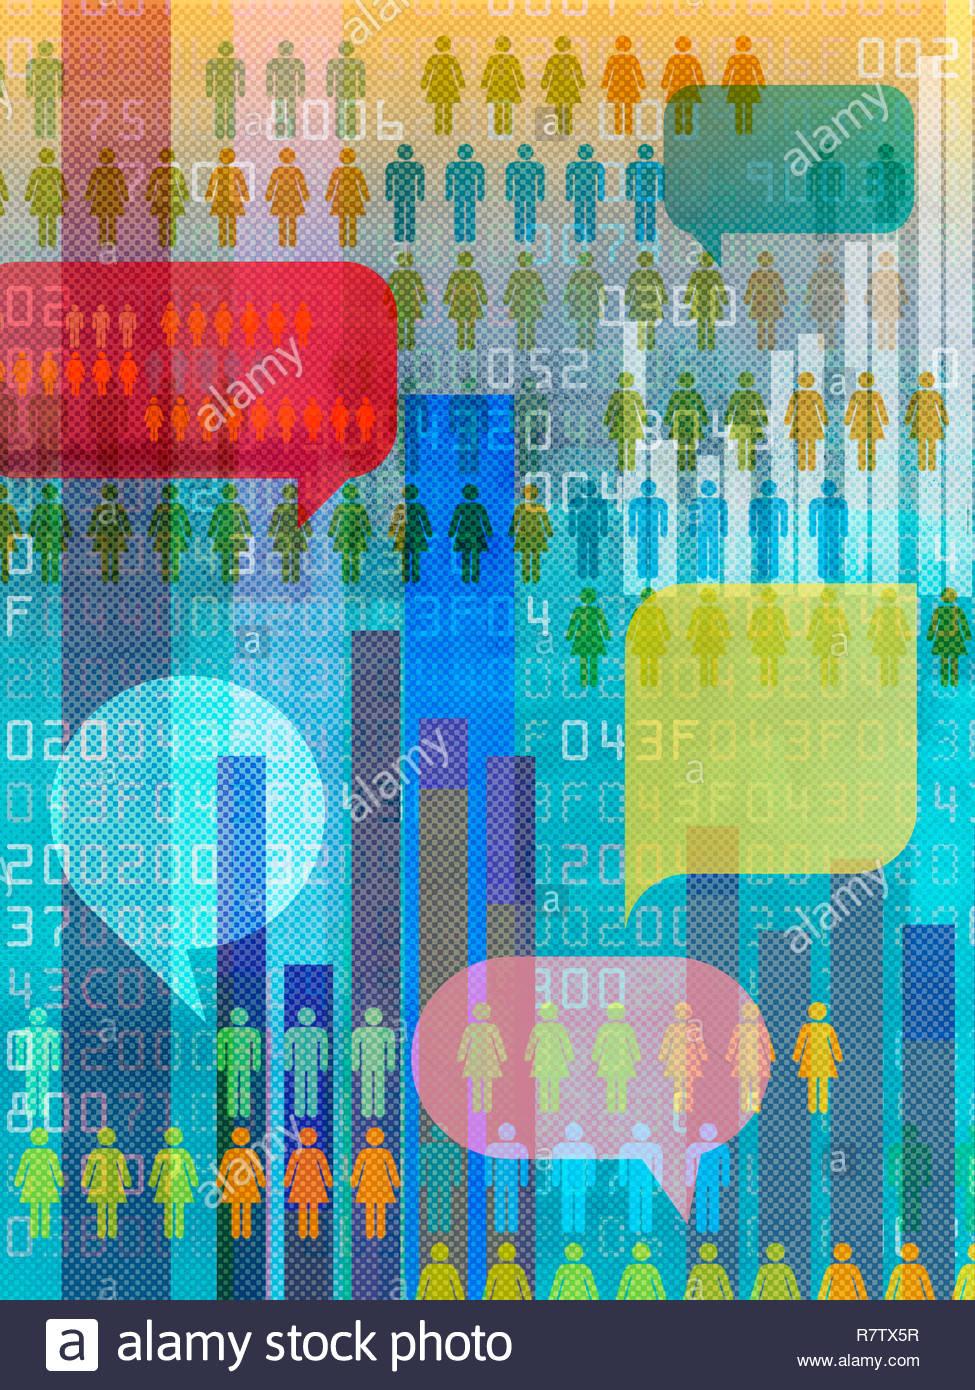 Collage de datos y comunicaciones Imagen De Stock